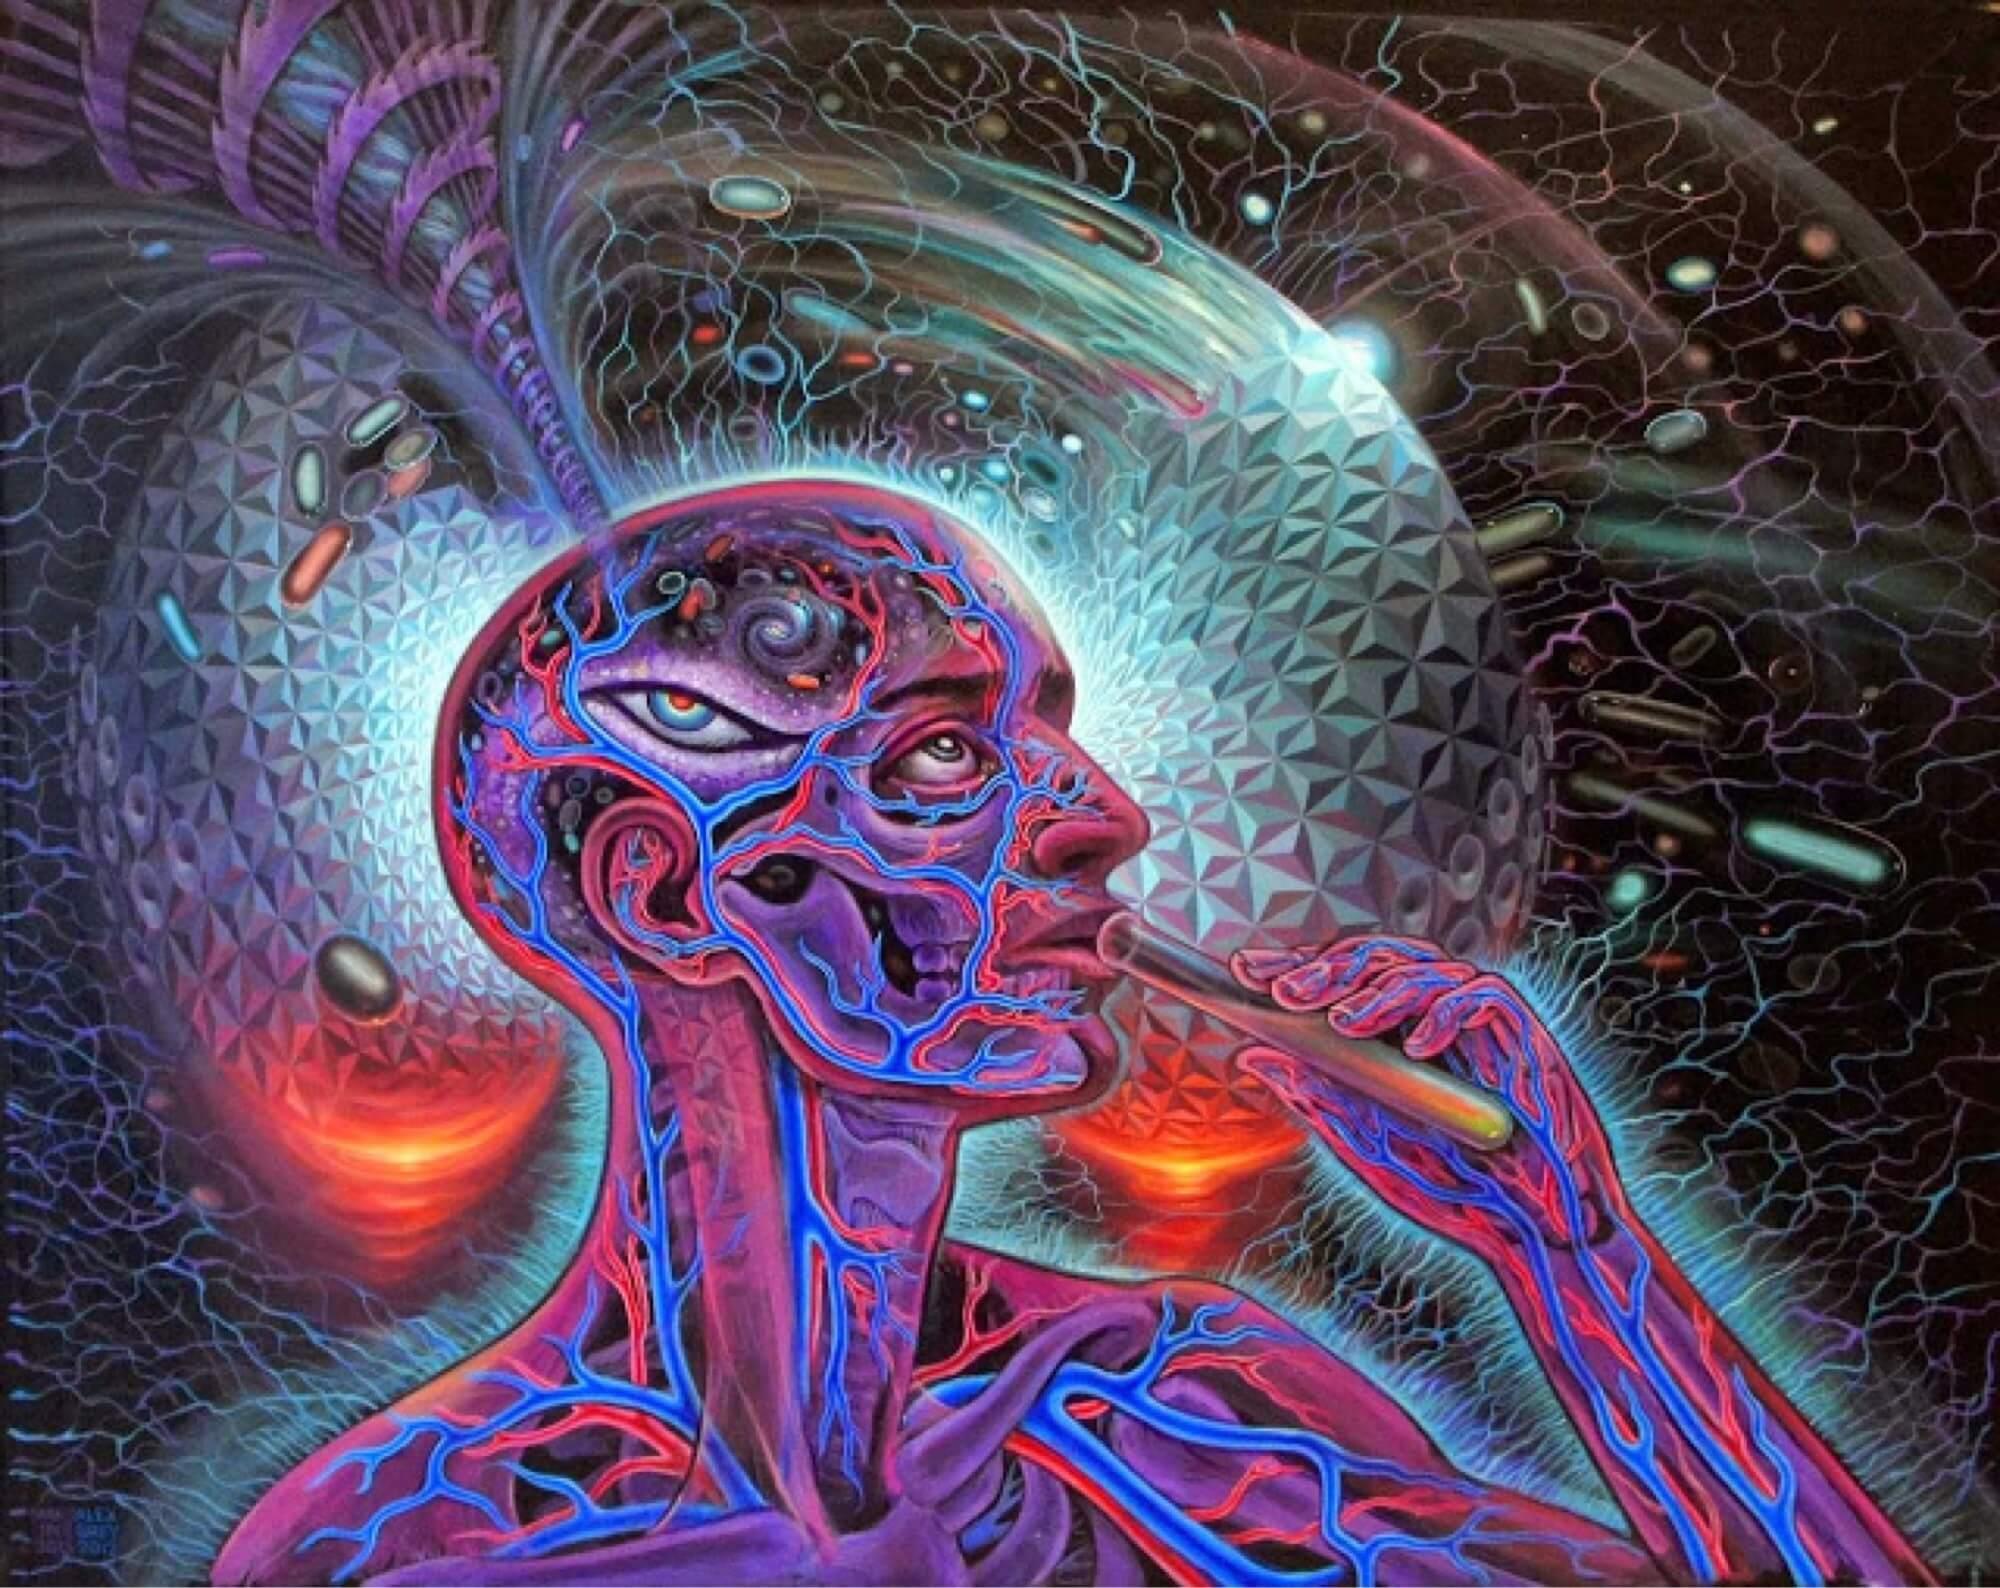 Cum funcționează creierul când luăm substanțe psihedelice